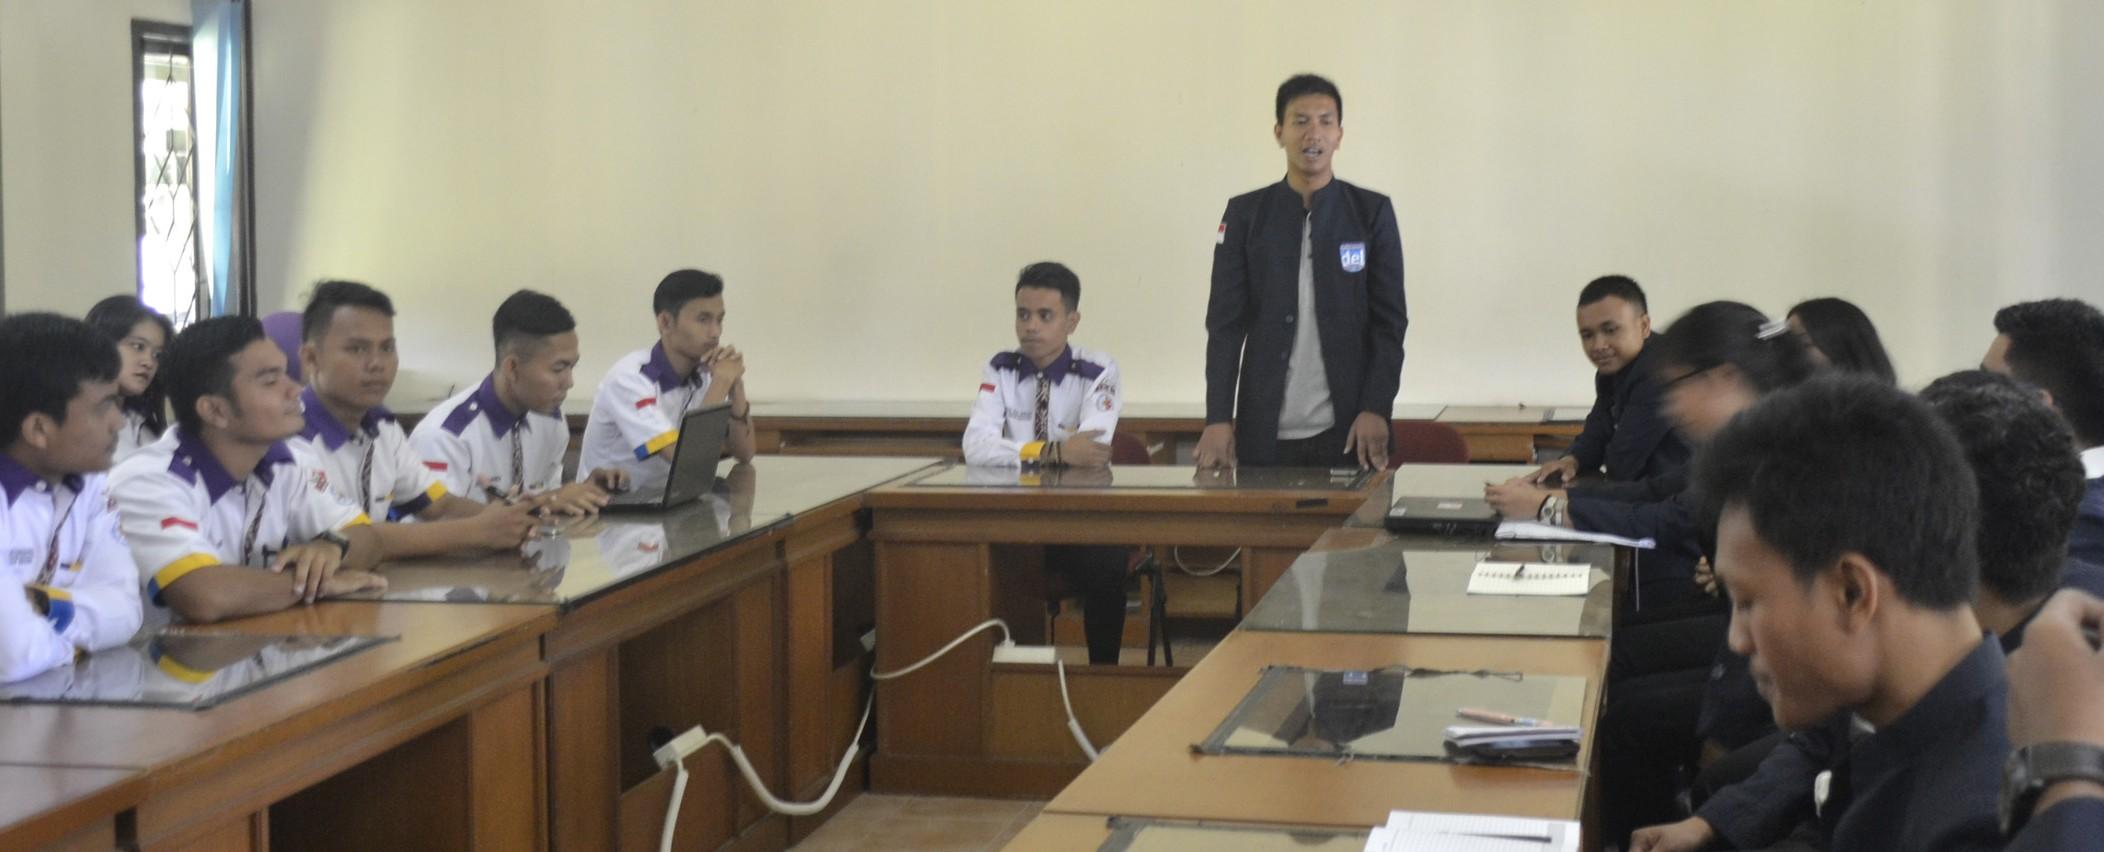 Kunjungan BEM Politeknik Negeri Medan ke IT Del